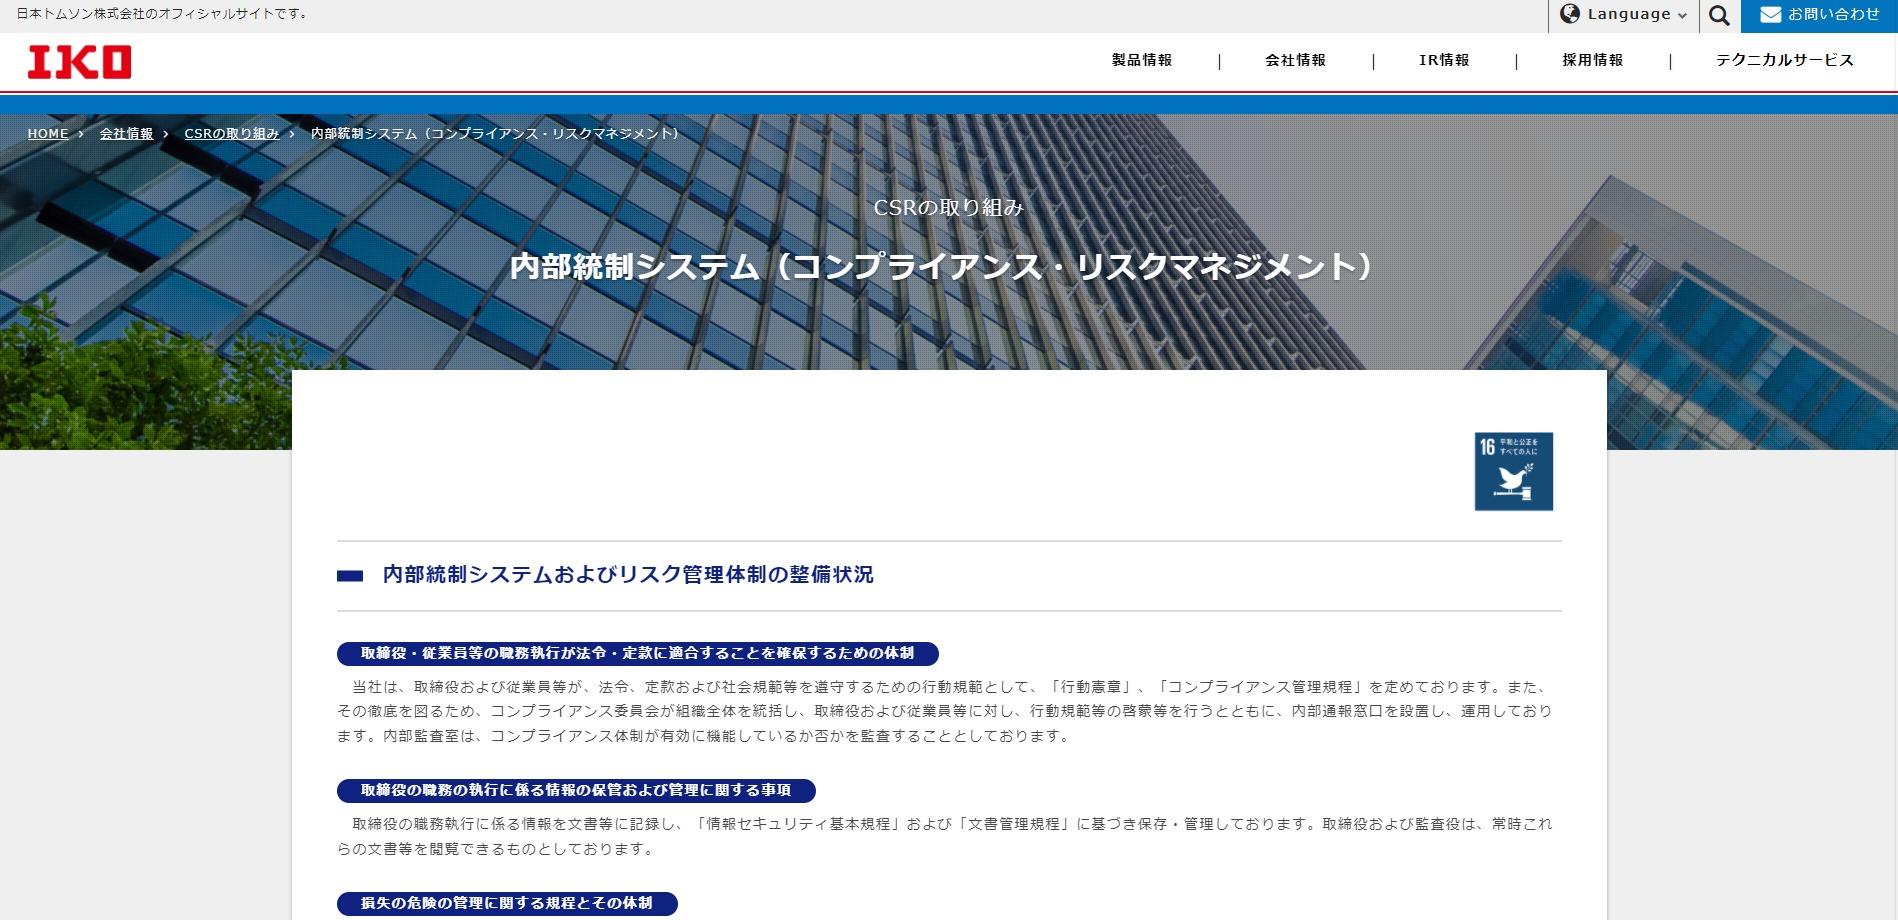 内部統制システム(コンプライアンス・リスクマネジメント)   IKO日本トムソン